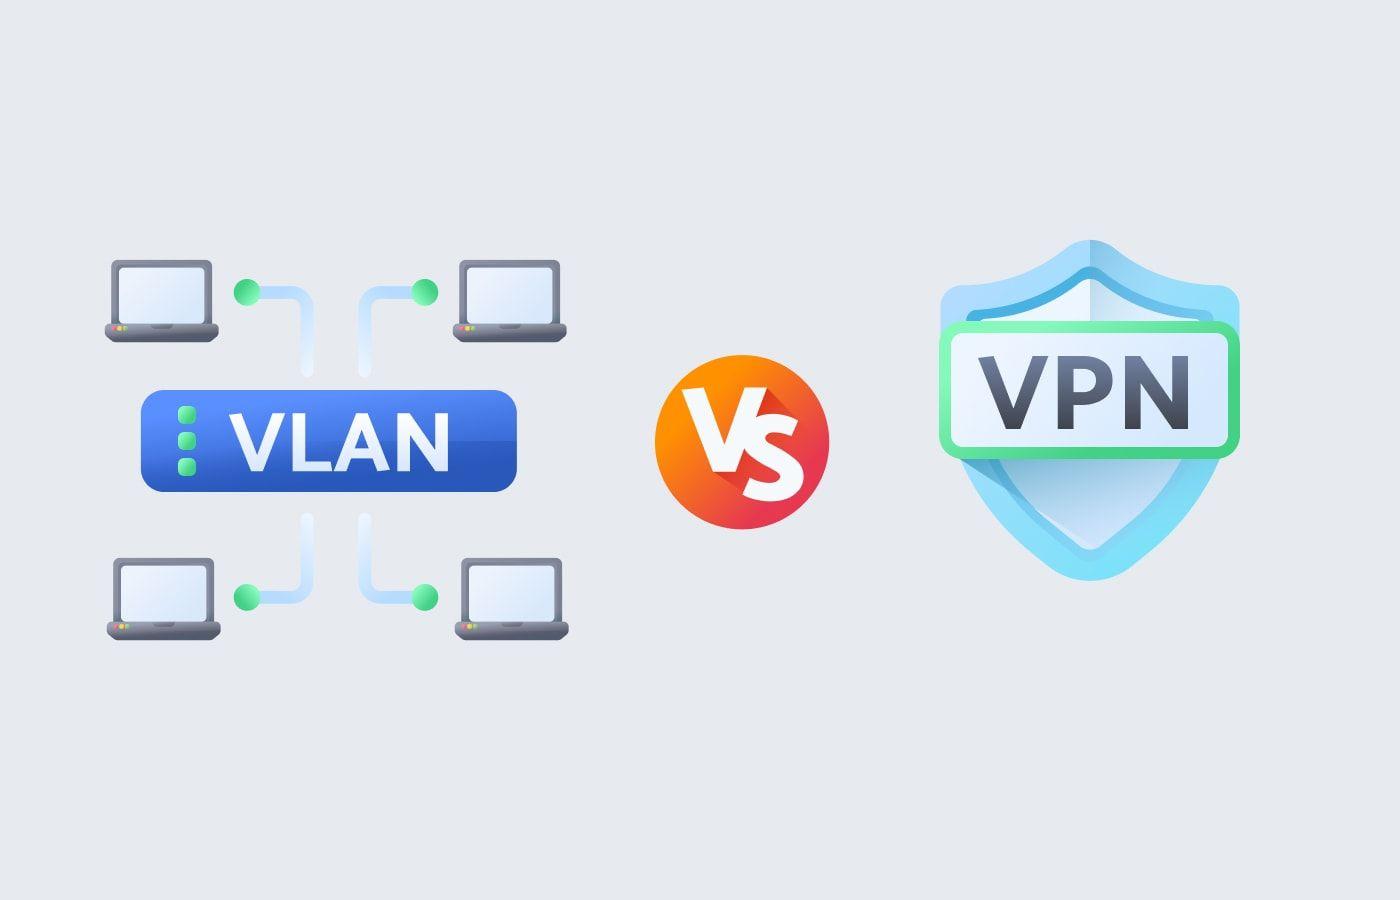 VLAN vs. VPN